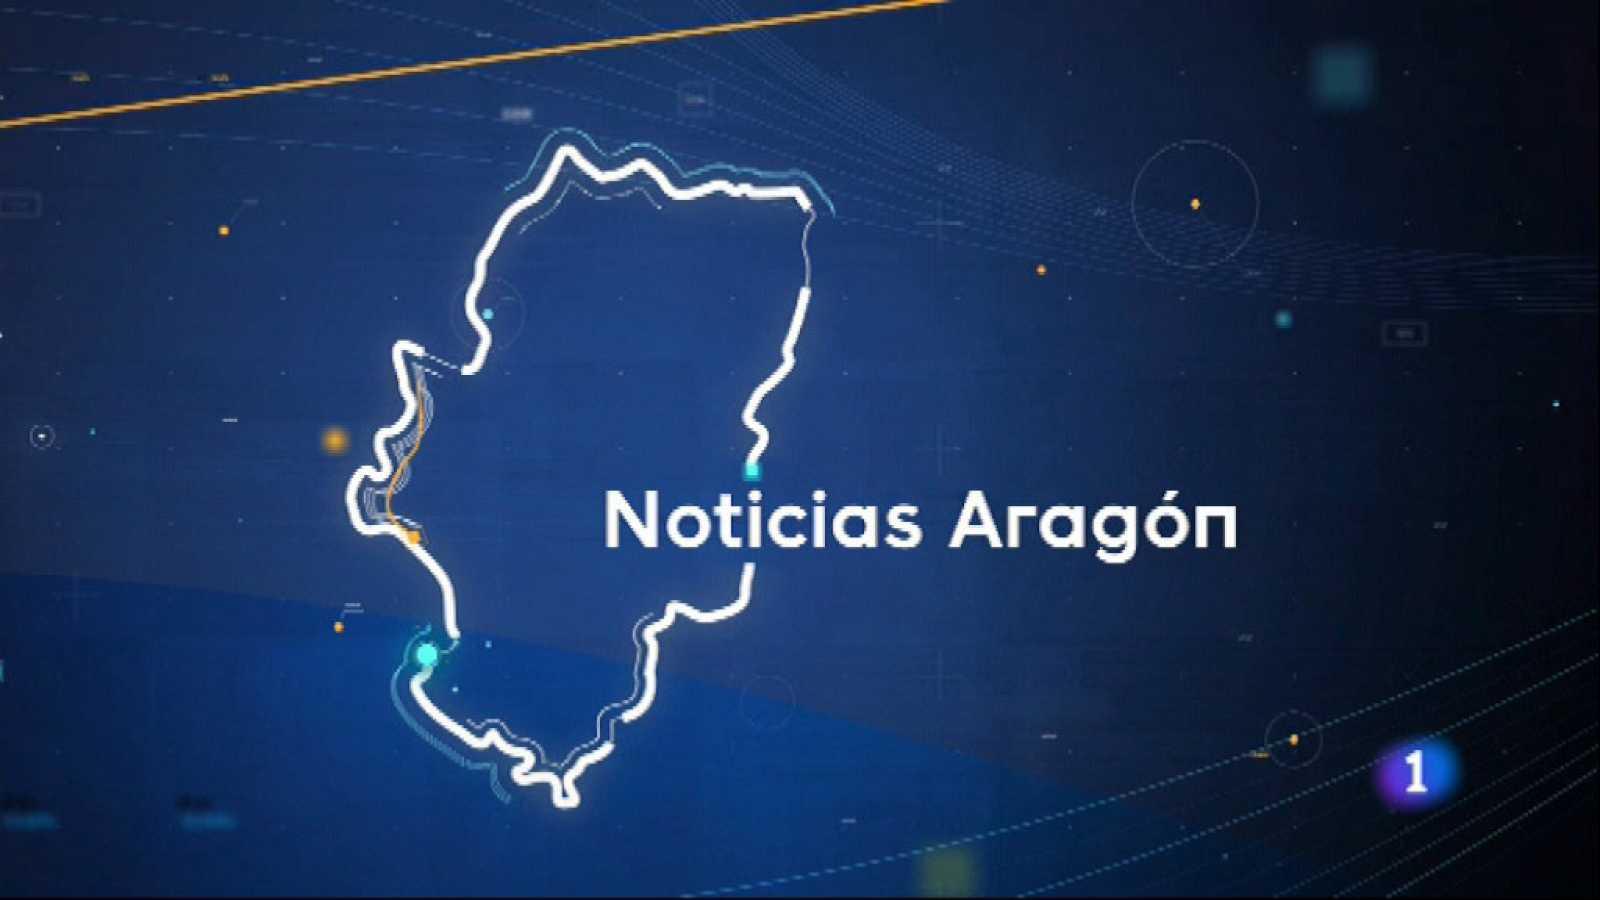 Aragón en 2 - 31/03/21 - Ver ahora